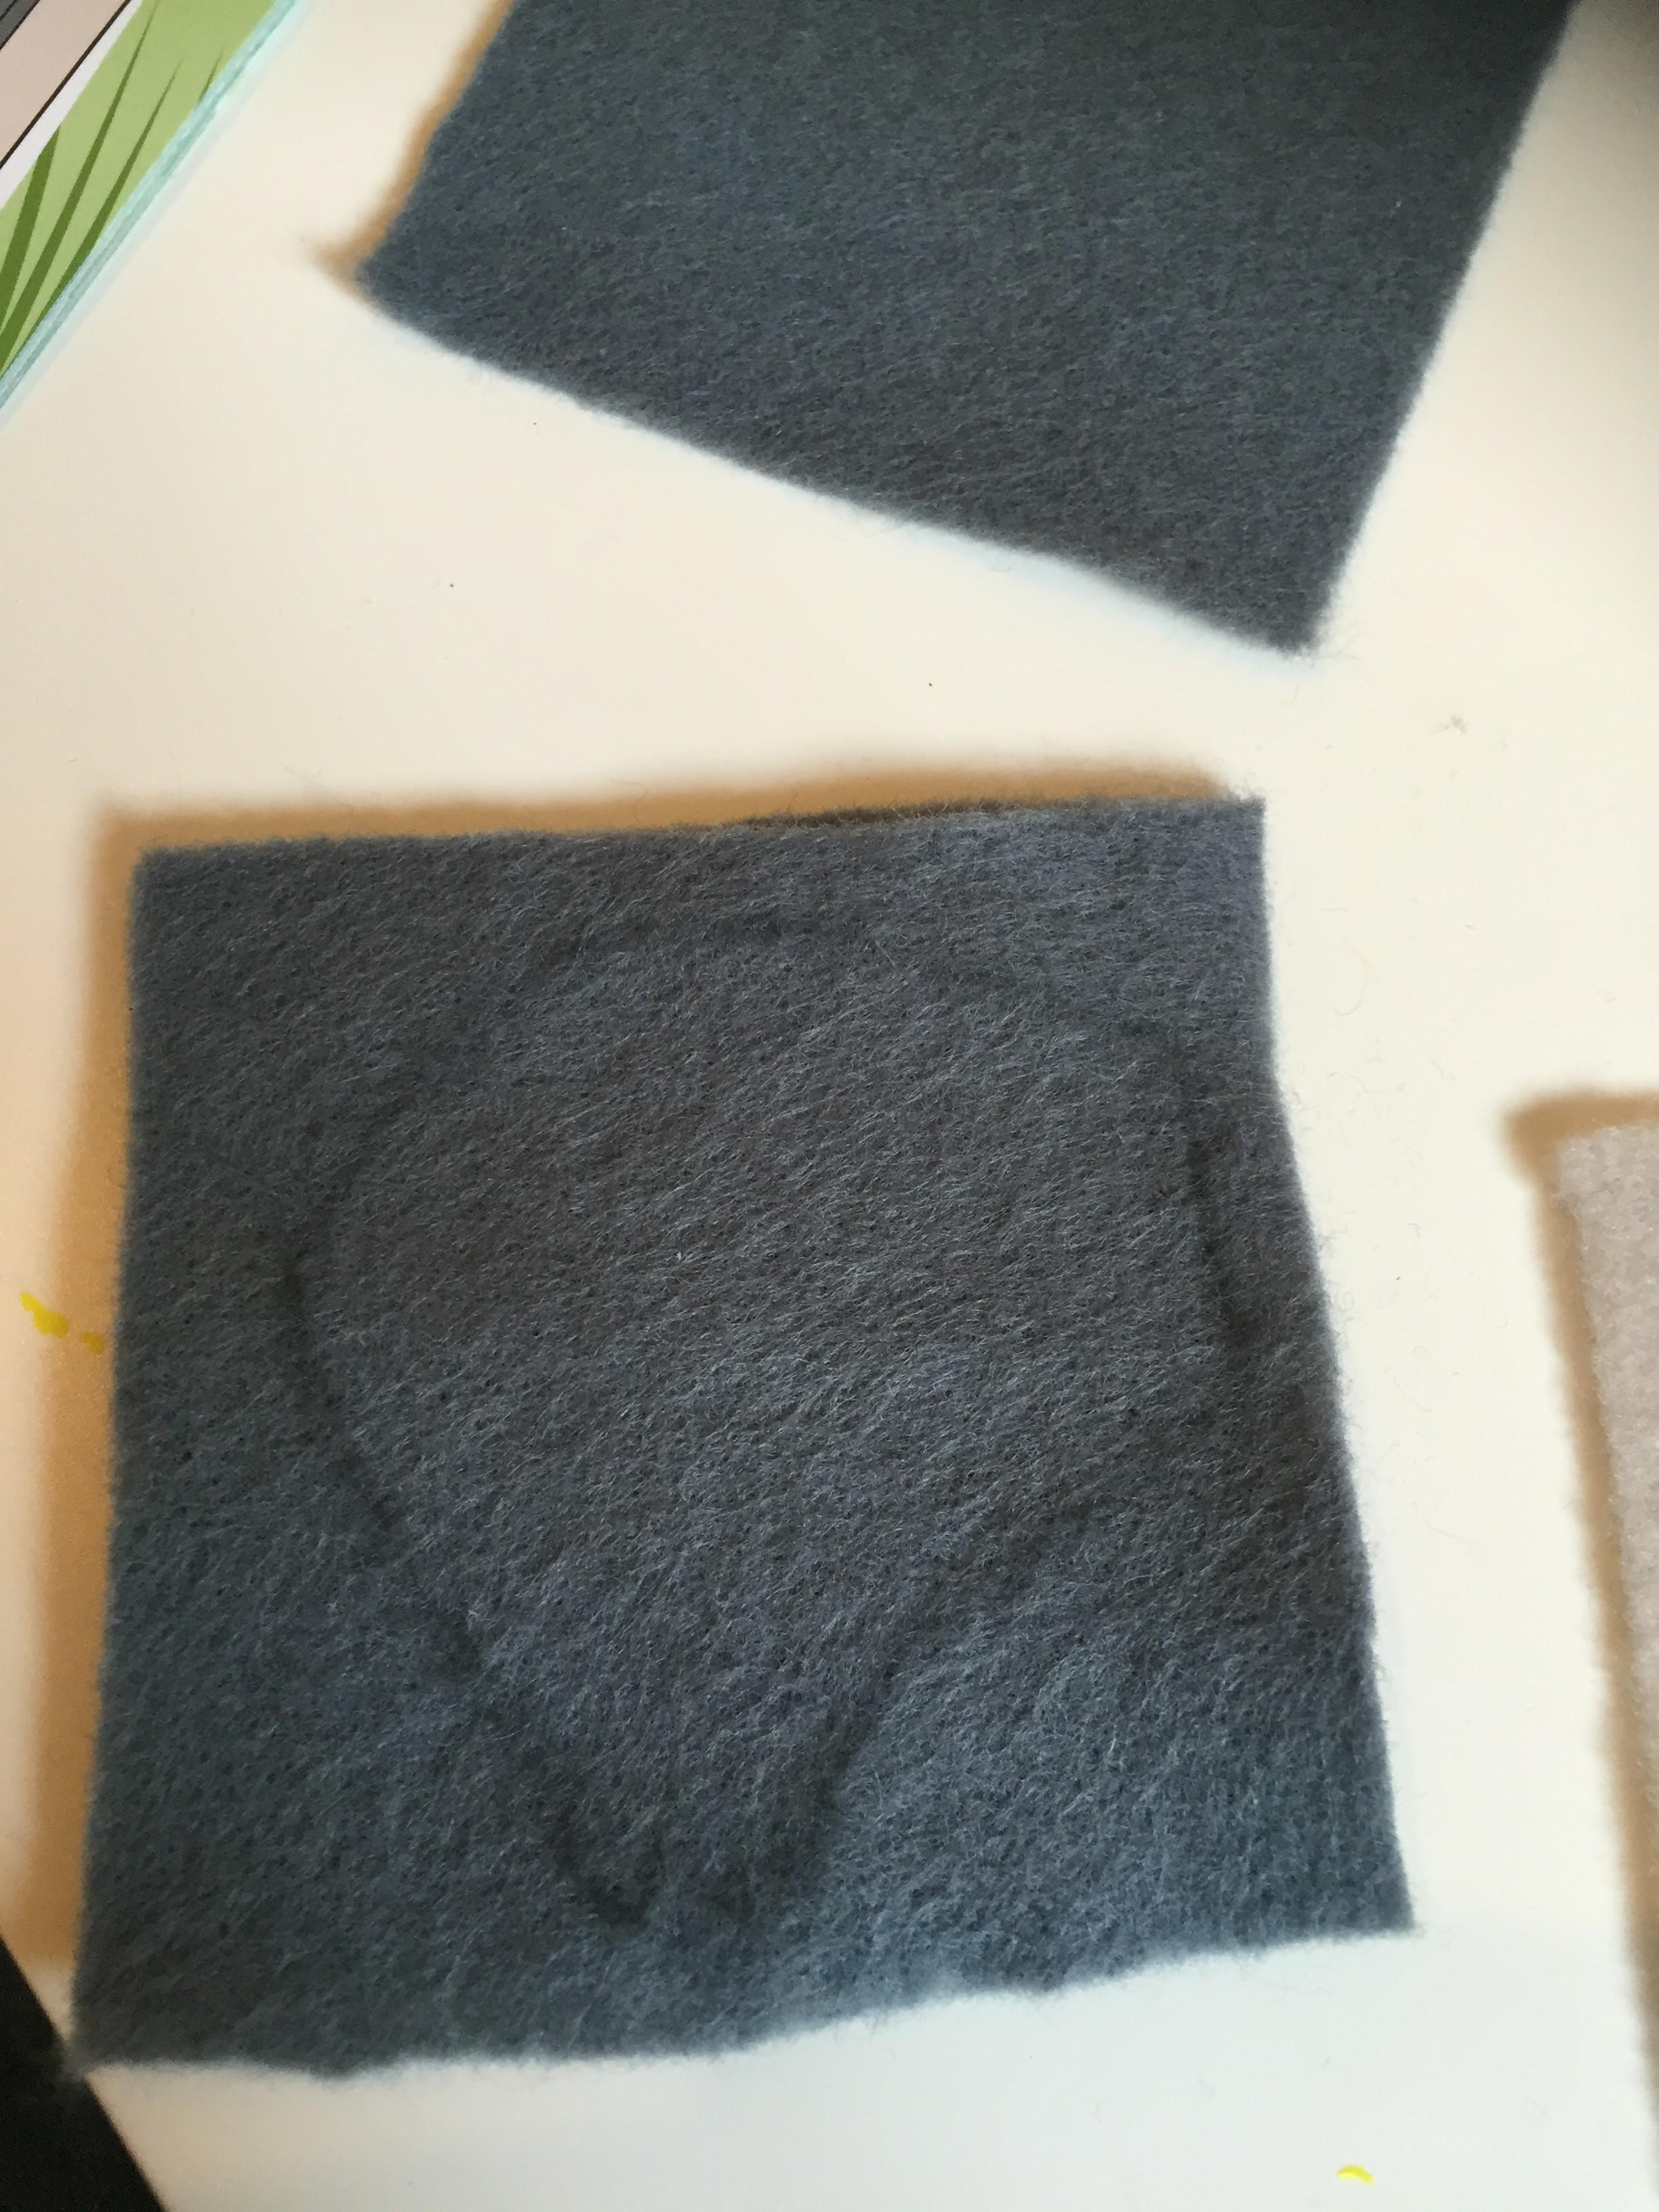 drawing an ear shape onto dark grey felt